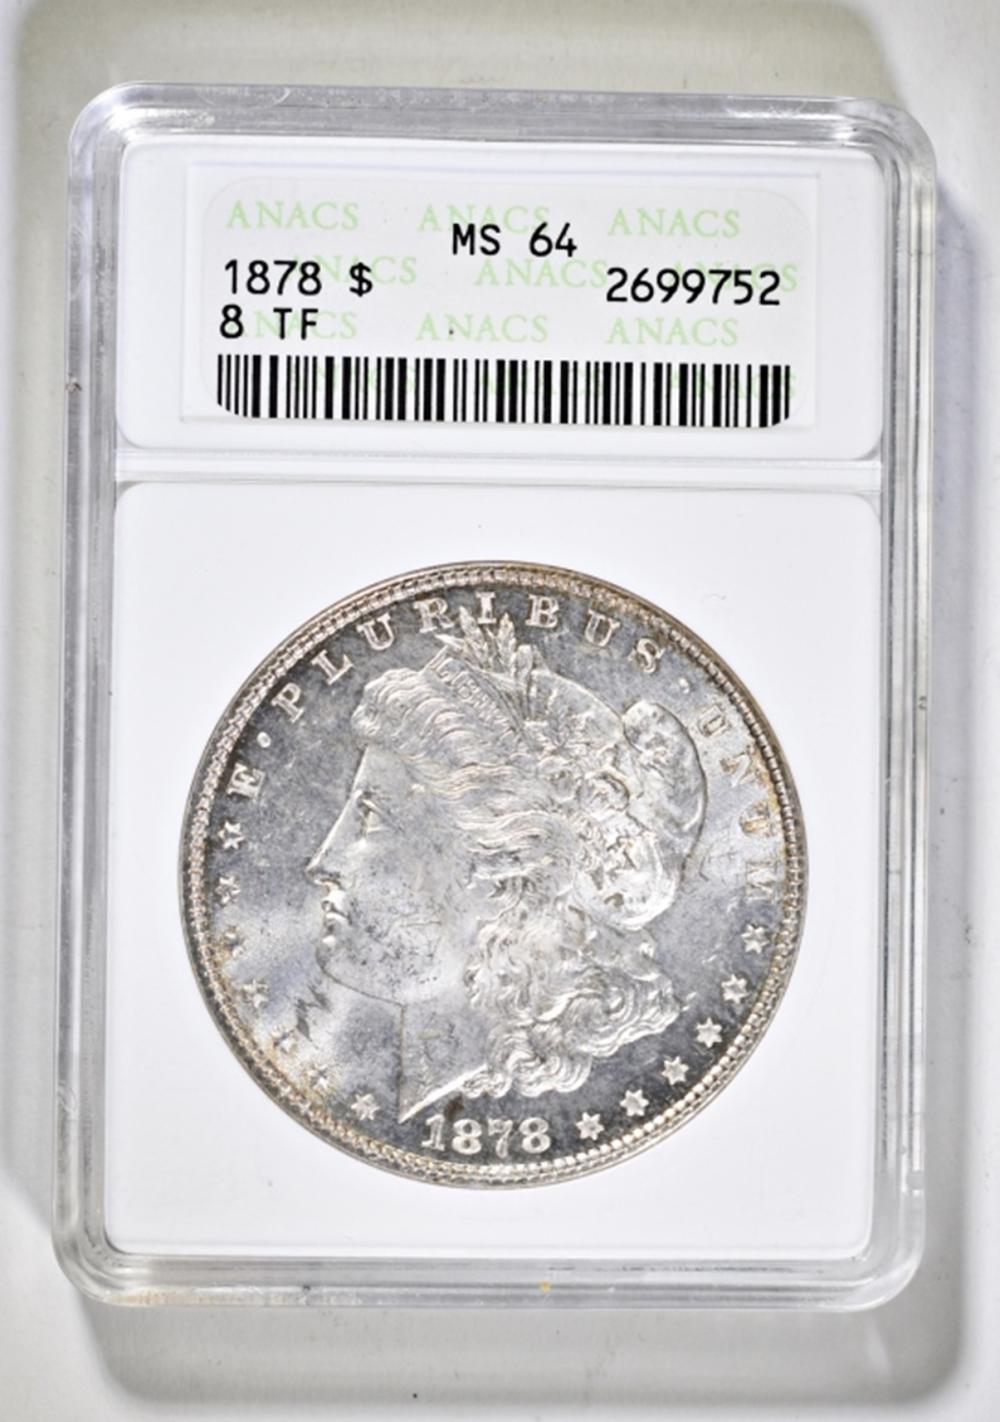 1878 8TF MORGAN DOLLAR ANACS MS-64